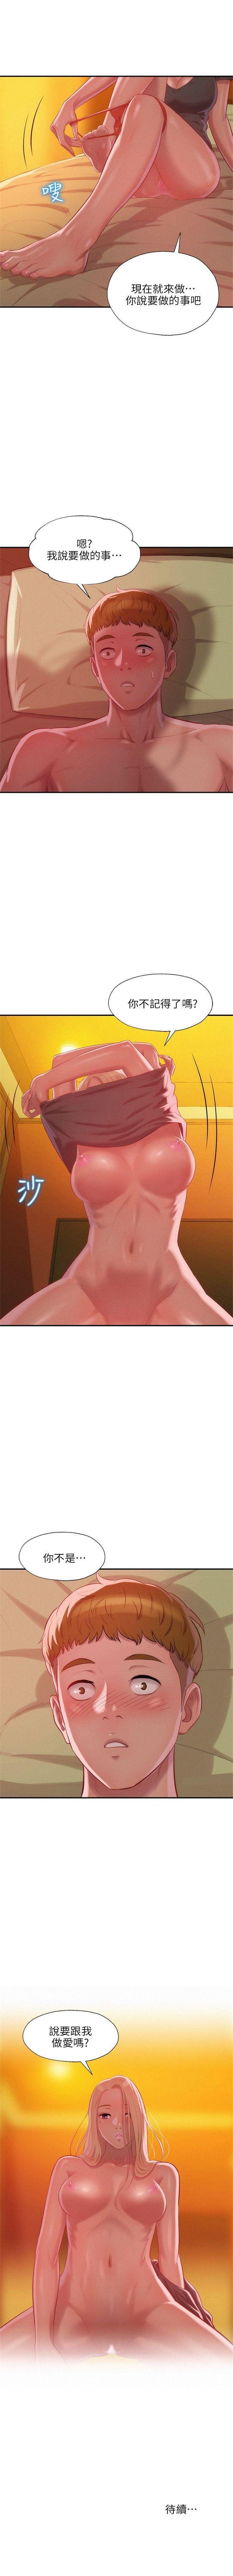 新生淫乱日记 1-61完结(中文) 174